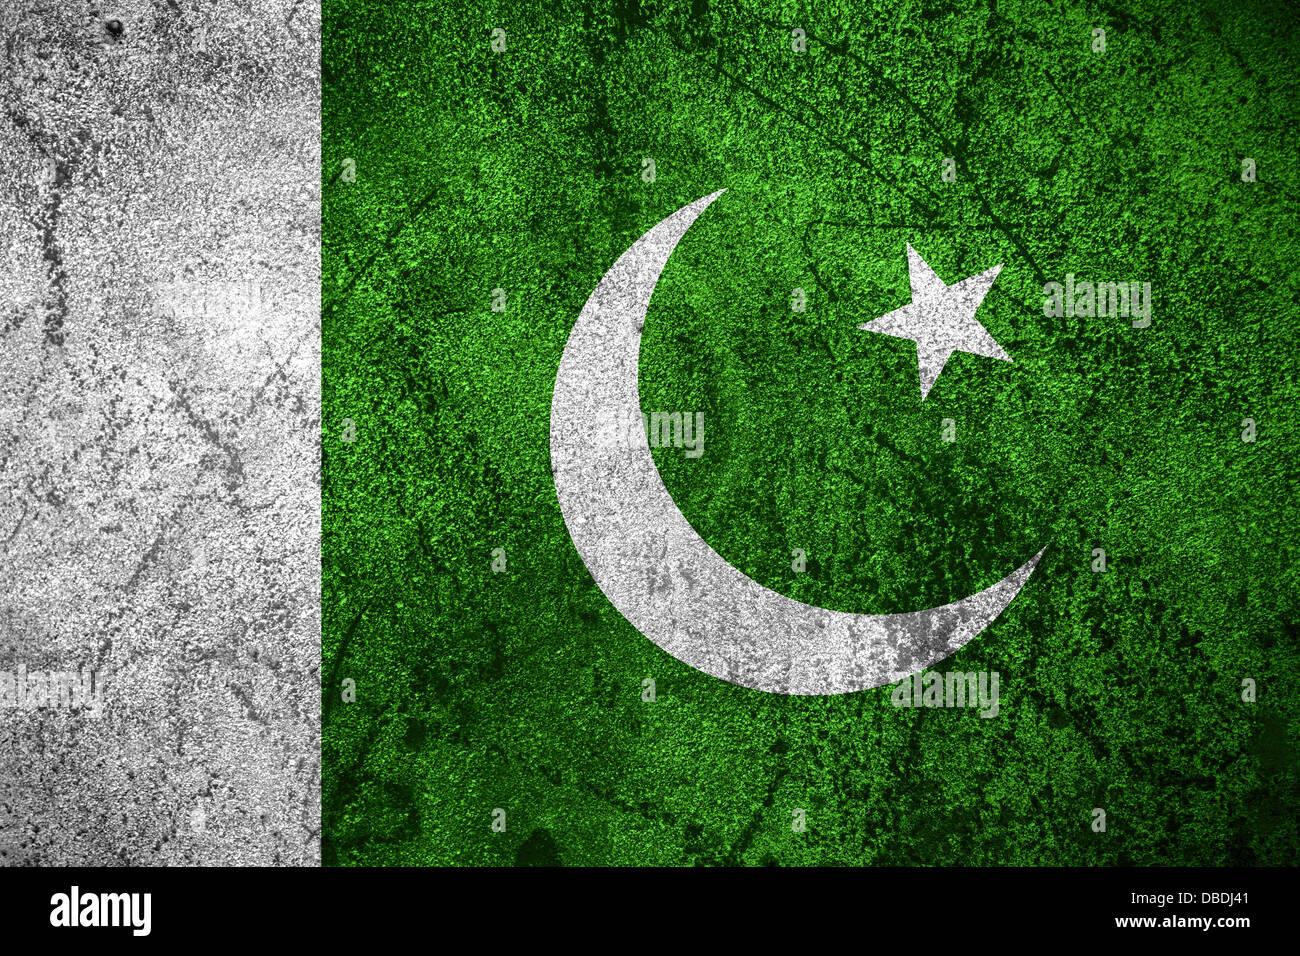 Flagge von Pakistan oder pakistanischen Banner auf grobe Metall Hintergrund Stockbild